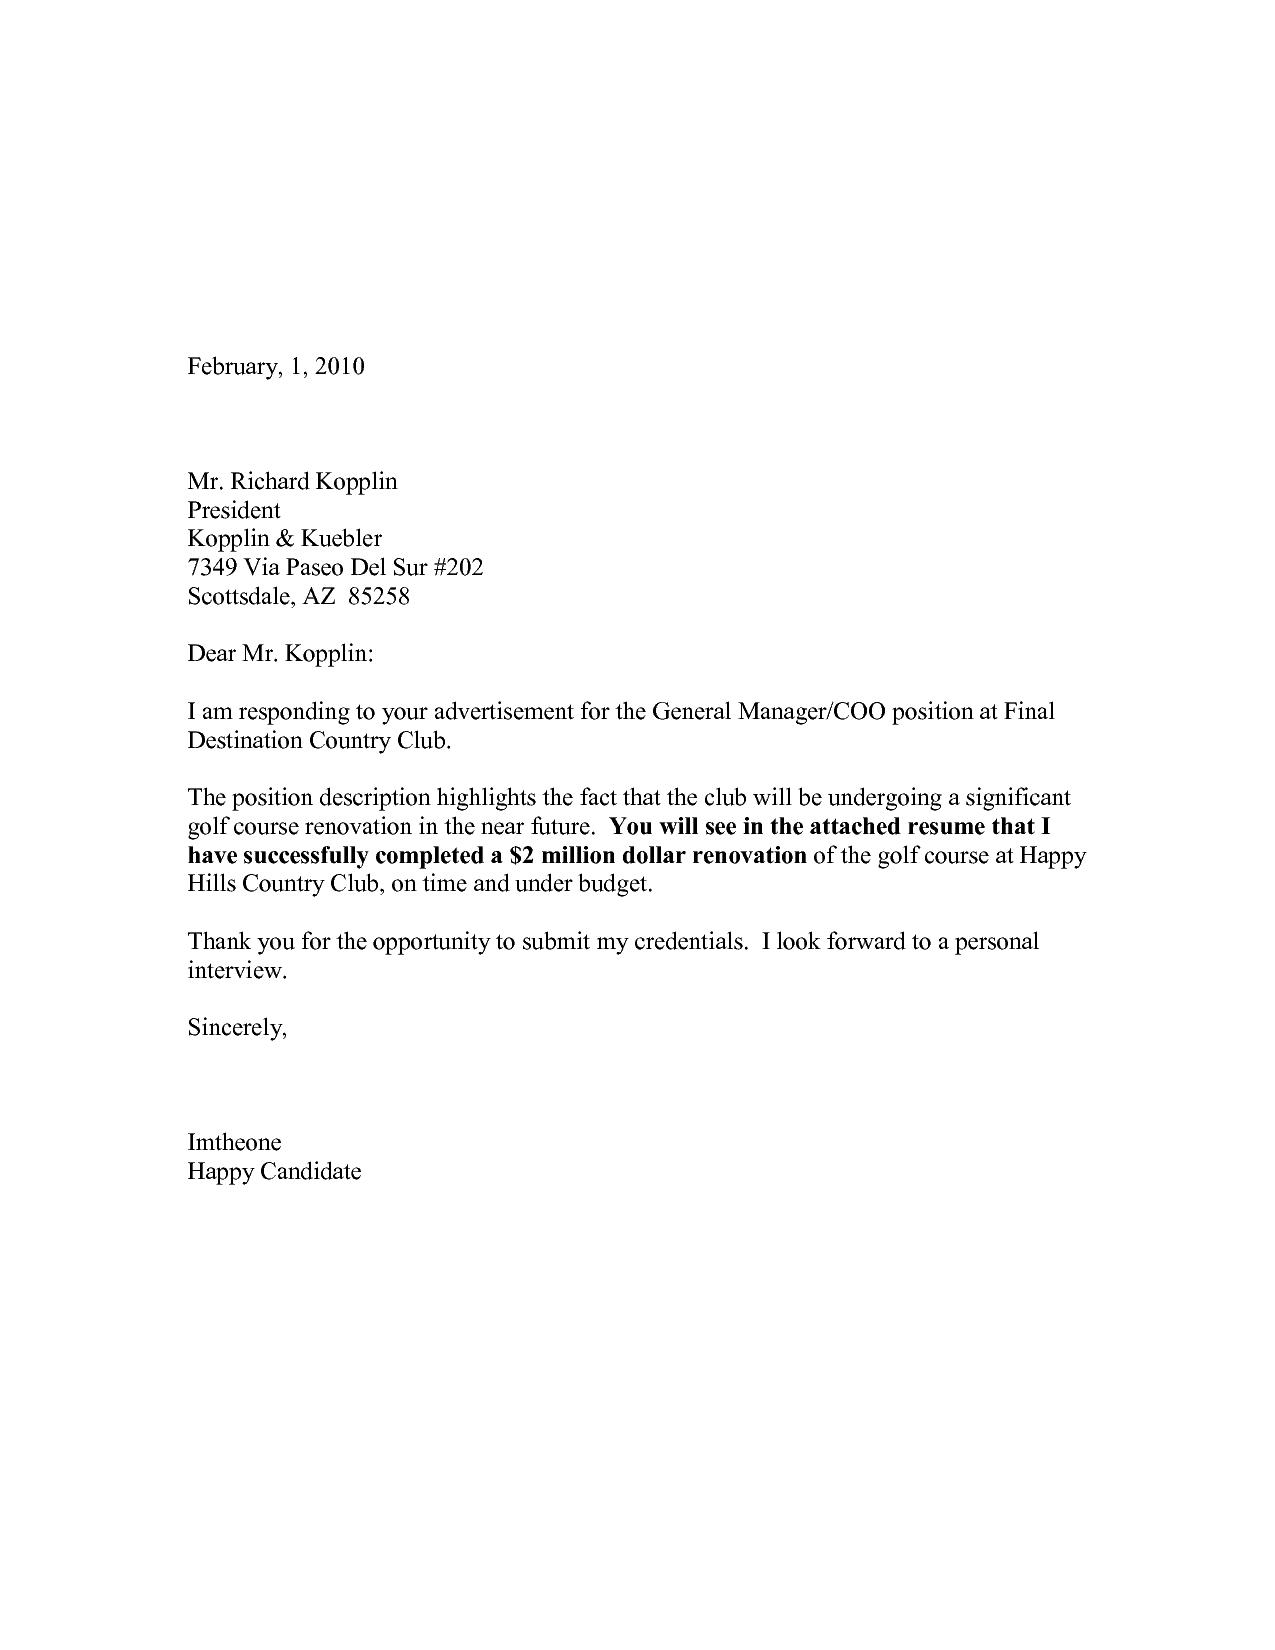 sample cover letter for resume internship